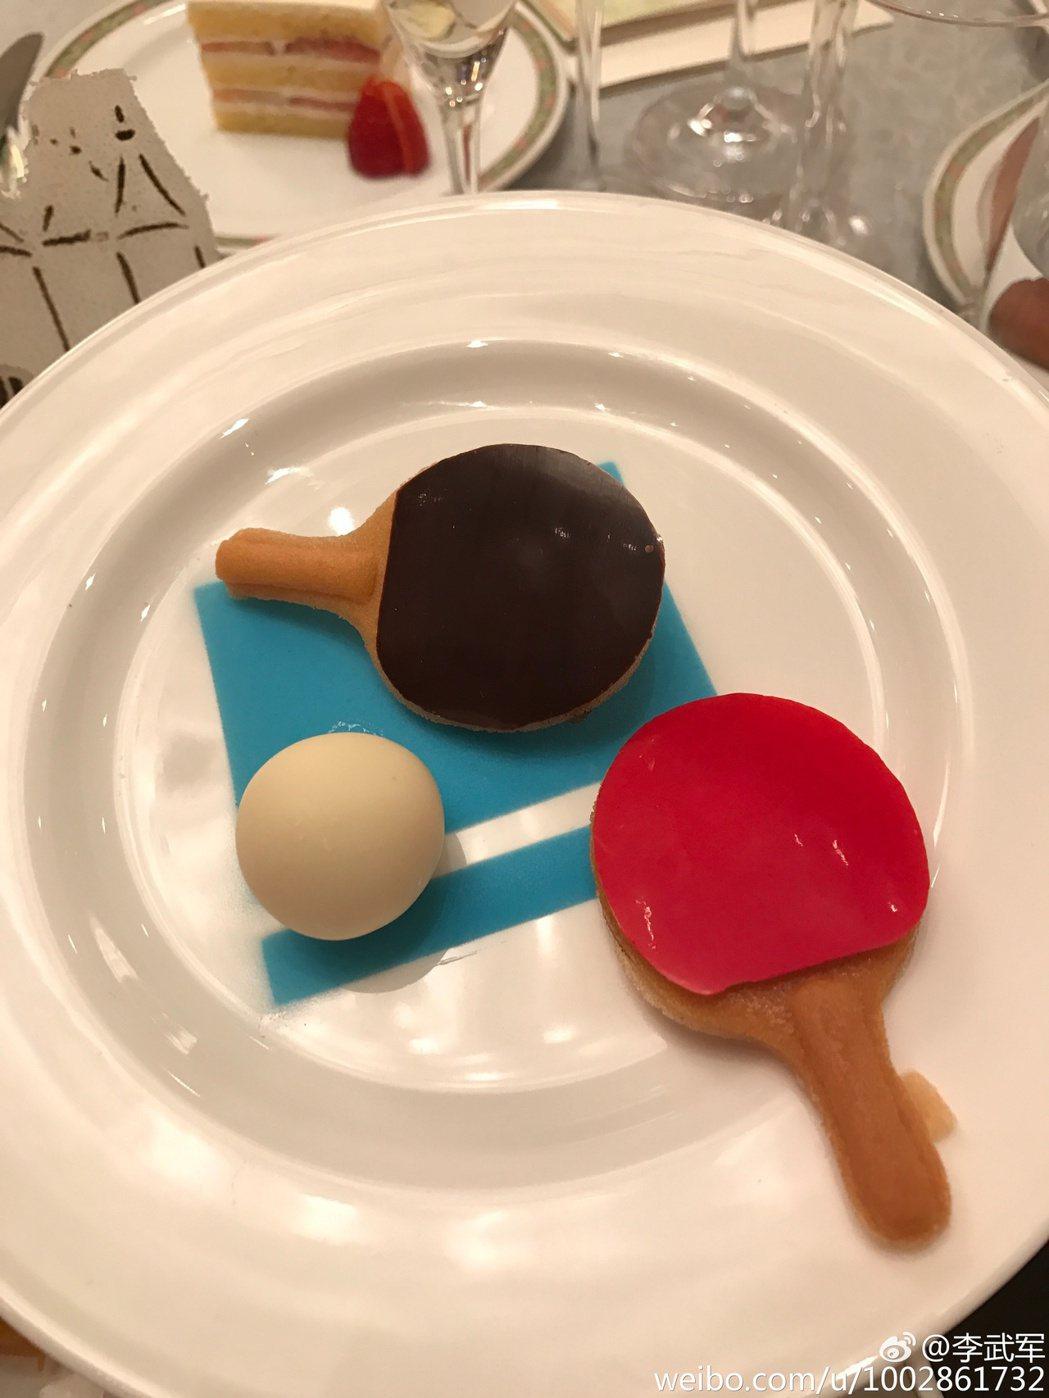 婚宴上甜點禮物盒中,是翻糖做的乒乓球拍與球。 圖/擷自微博。